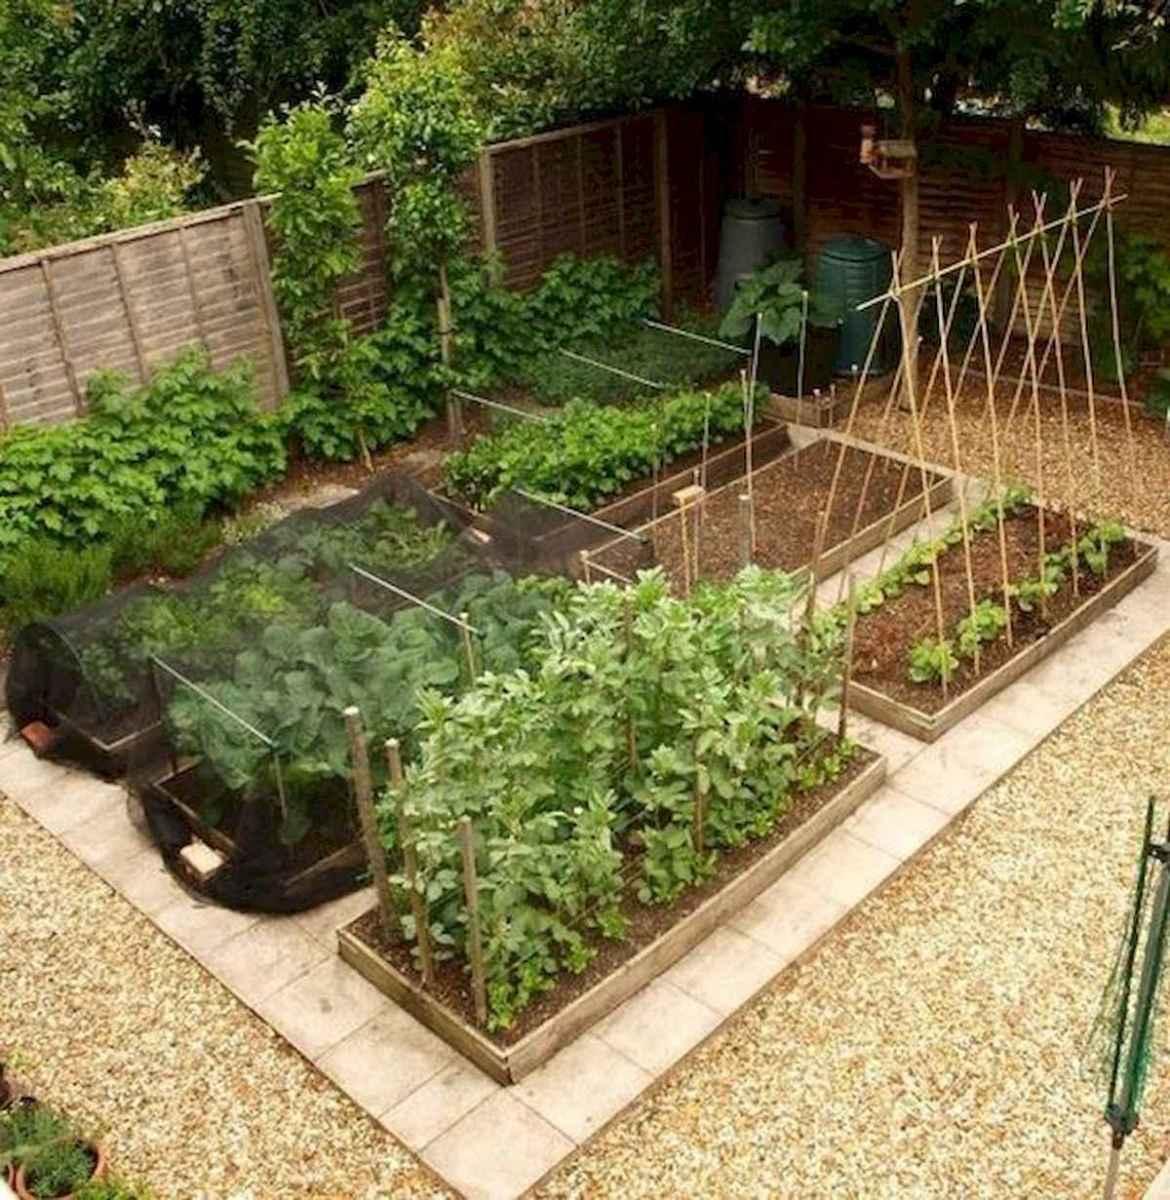 50 Best Garden Beds Design Ideas For Summer (20)